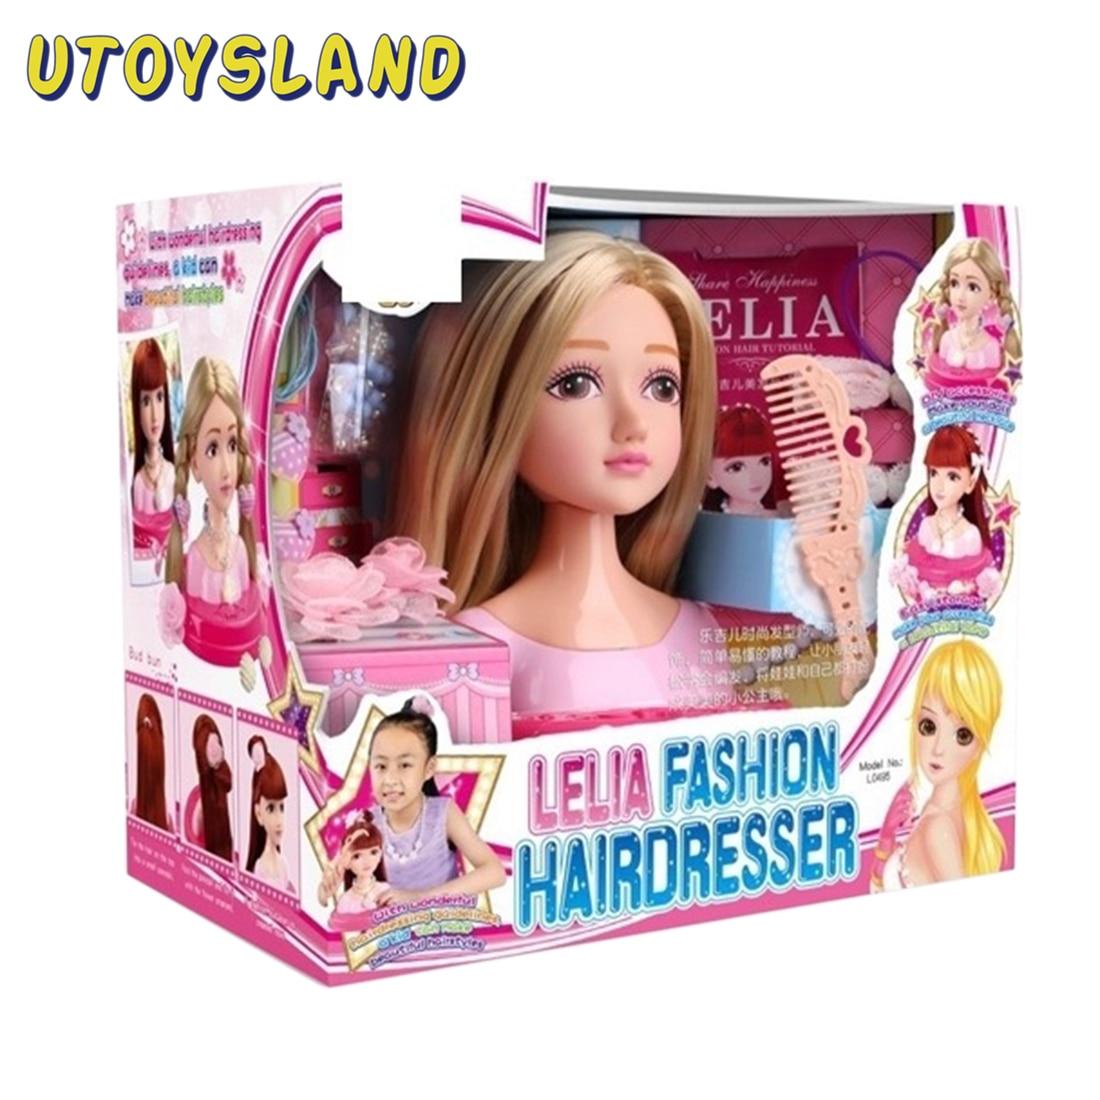 ผมจัดแต่งทรงผมตุ๊กตา Hairdressing จัดแต่งทรงผมการฝึกอบรมผม Braiding ปฏิบัติ Pretend Play Toy Make Up ของขวัญหญิง-น้ำตาล